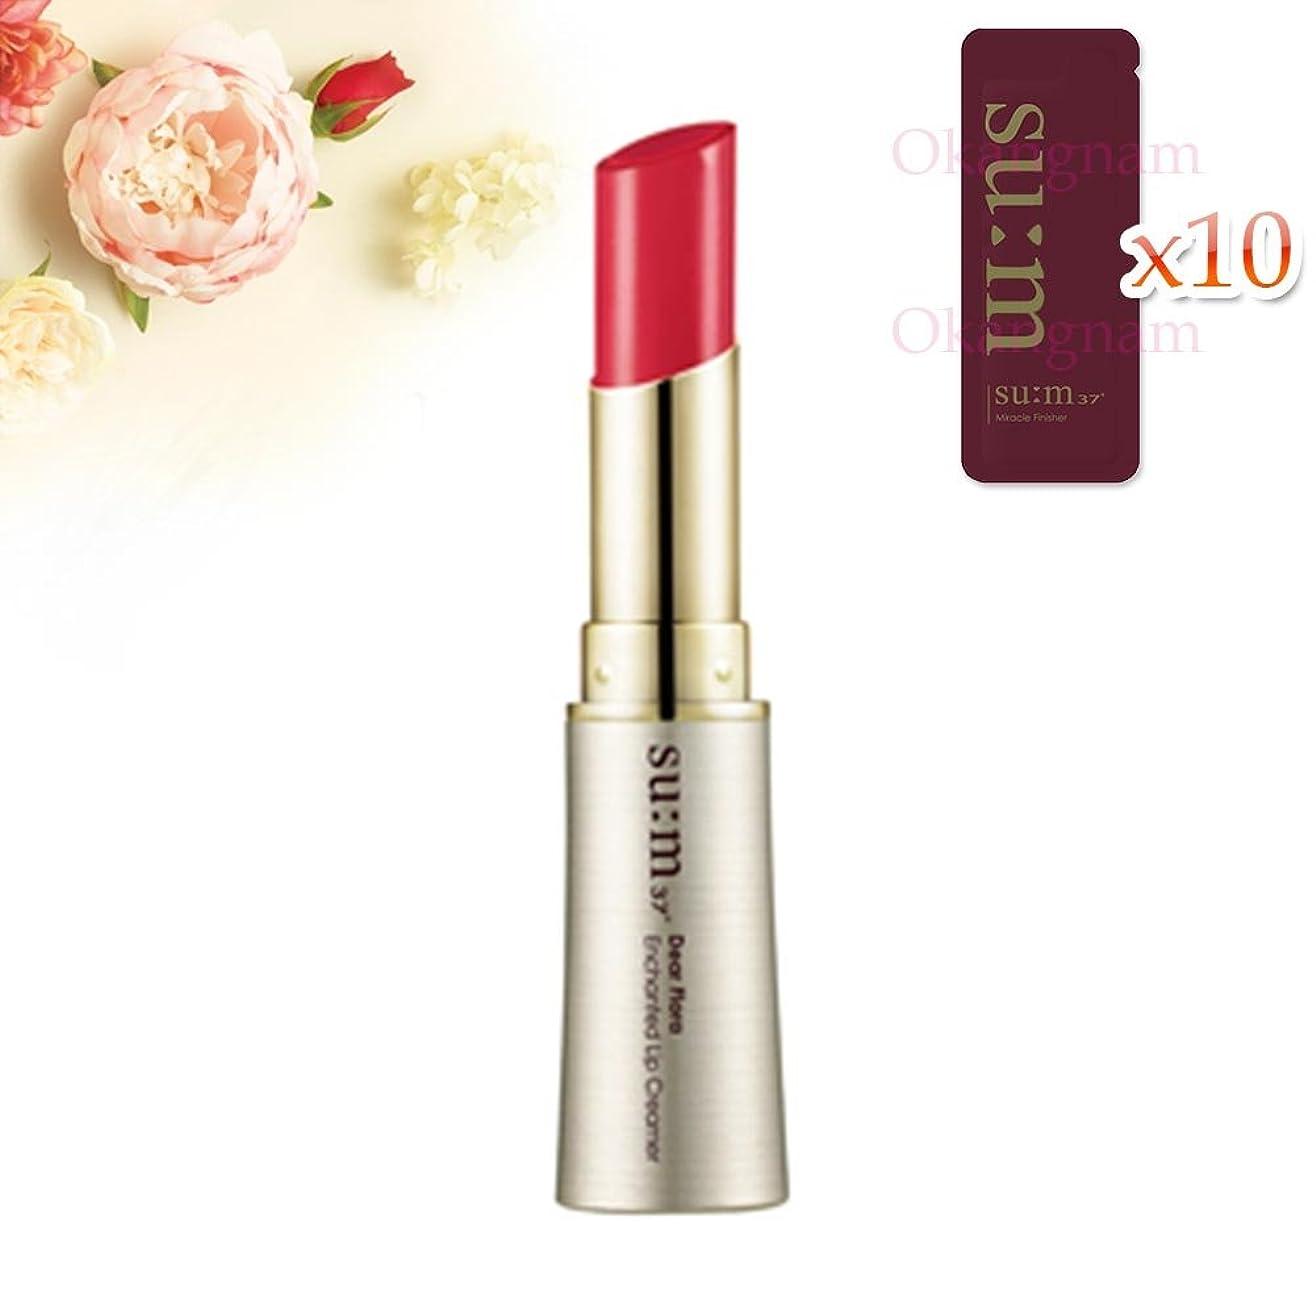 イサカくスキー[su:m37/スム37°]SUM37  Dear Flora Enchanted Lip Creamer 02Dahlia Coral/DF02 sum37 スム37 ディアフローラ エンチャンテッド リップクリーマー 2号 Dahlia Coral +[Sample Gift](海外直送品)